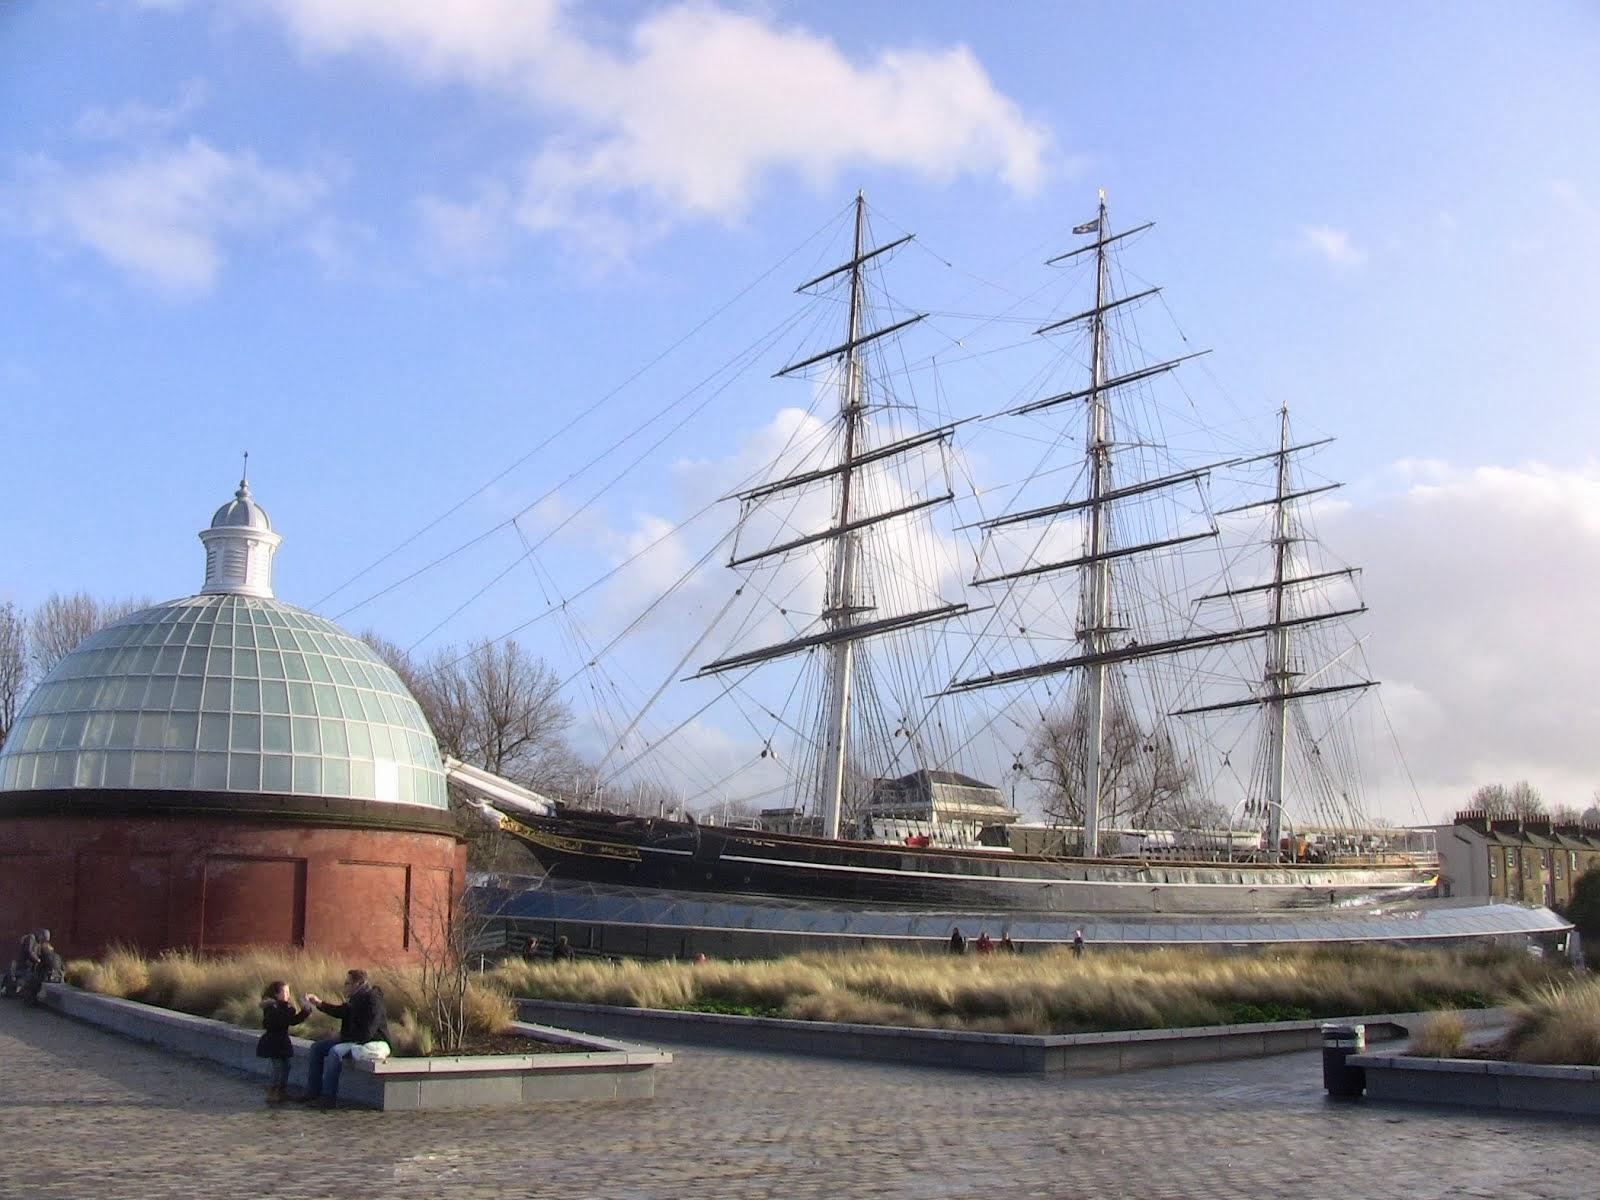 le Cutty Sark voilier de commerce du XIXe siècle